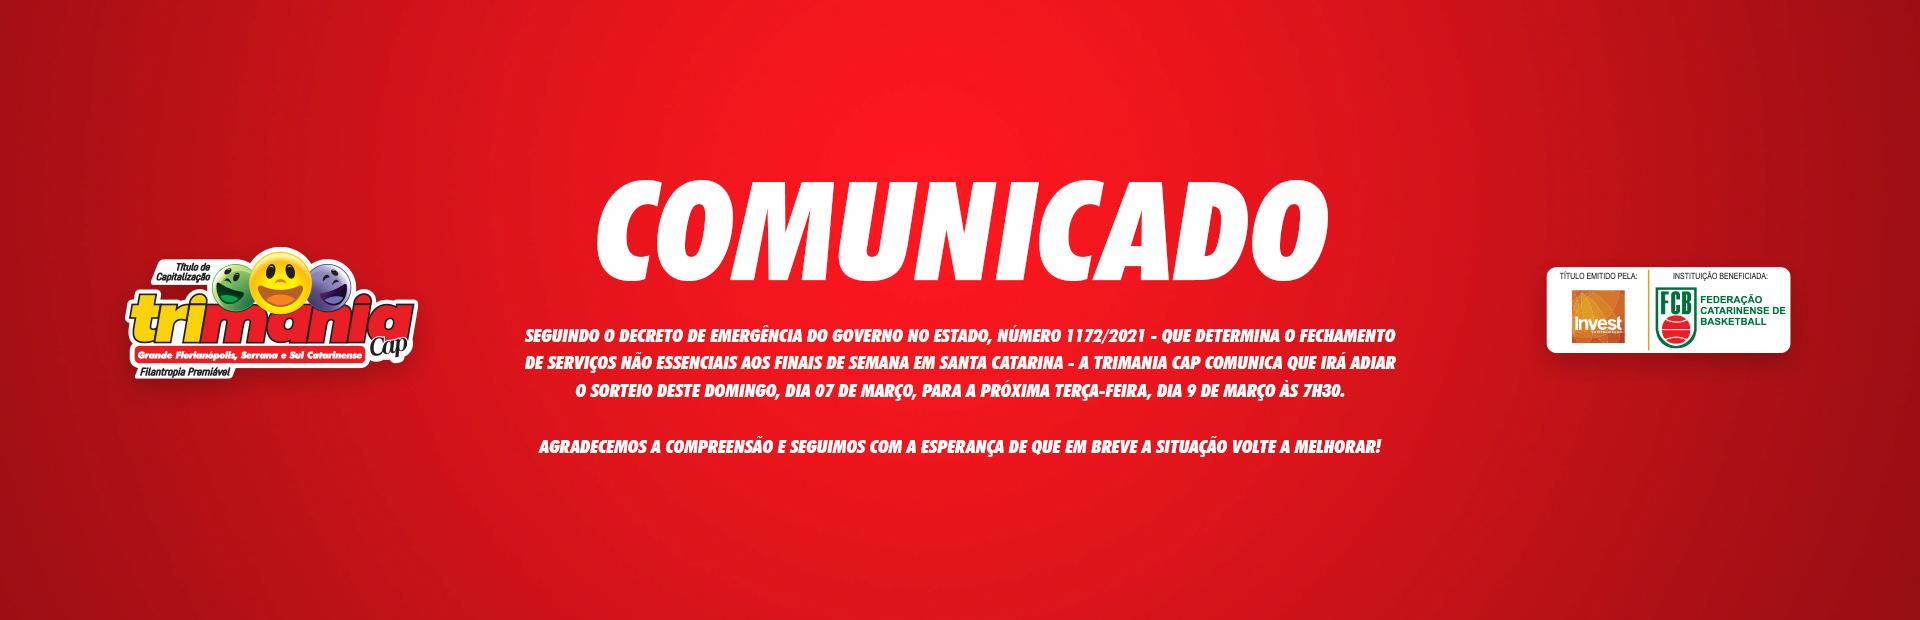 COMUNICADO 09/03/2021 #1